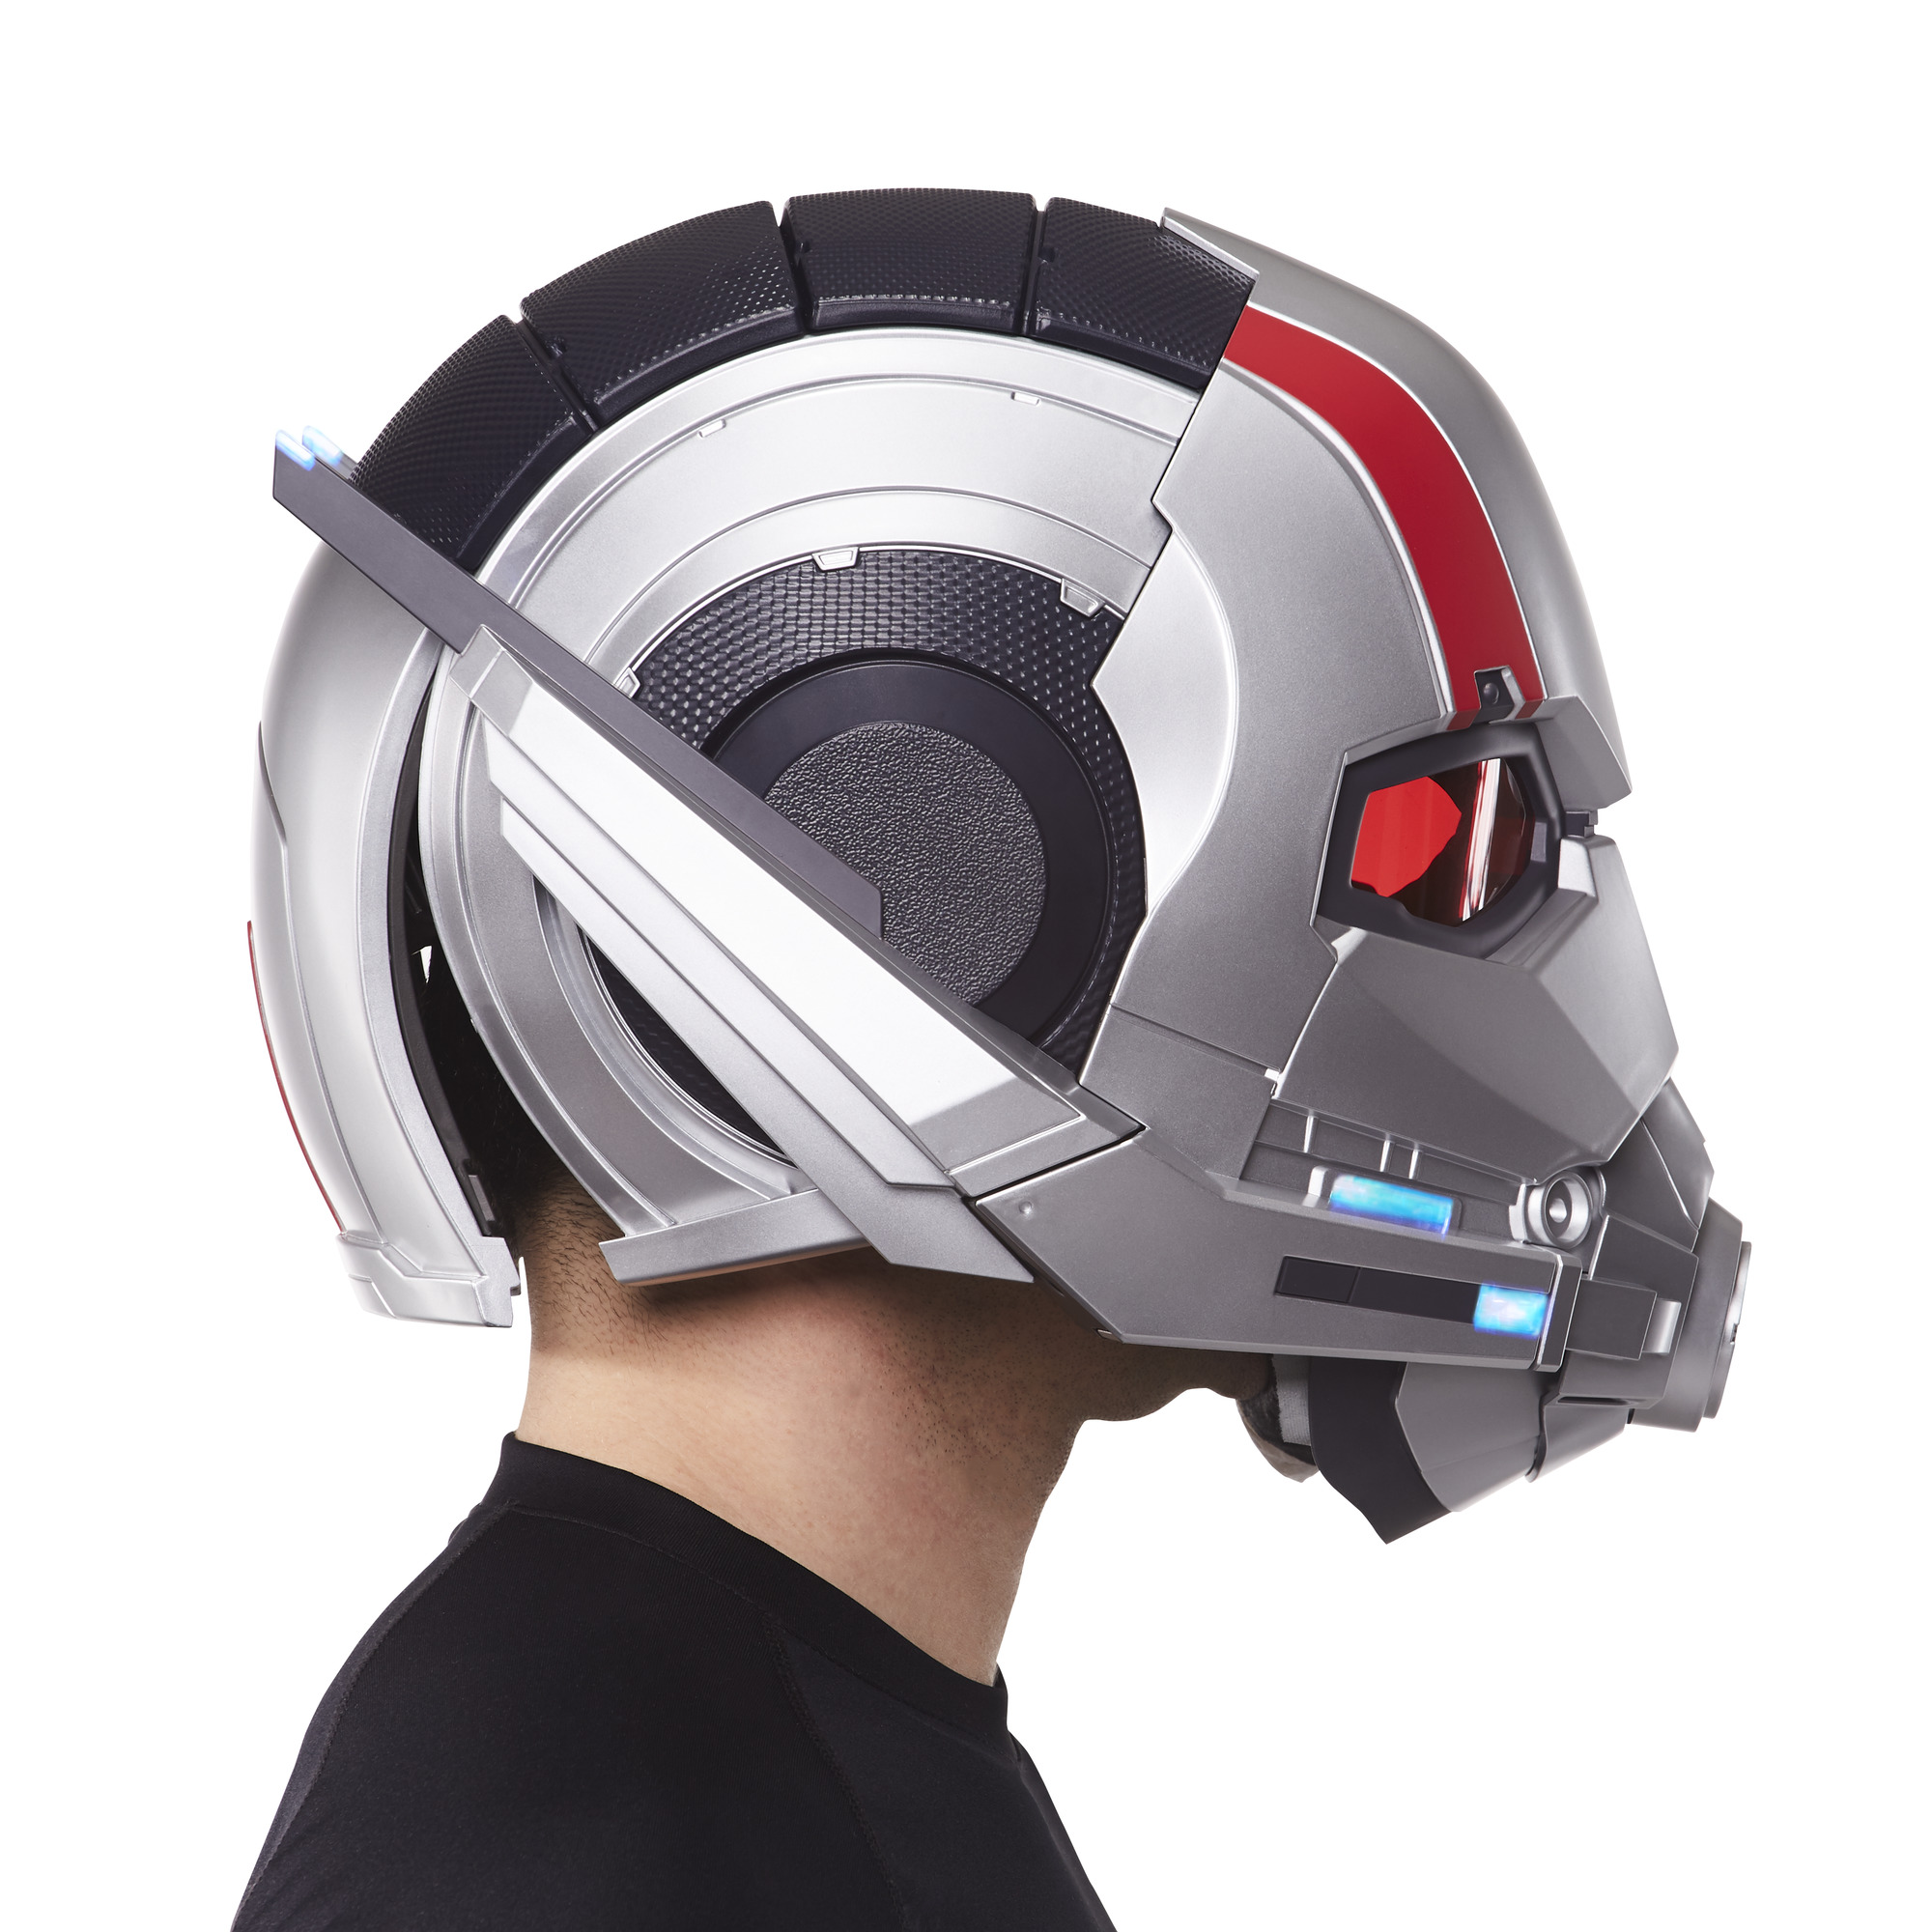 LED Lights UD Avengers Marvel Legends Series Ant-Man Electronic Helmet